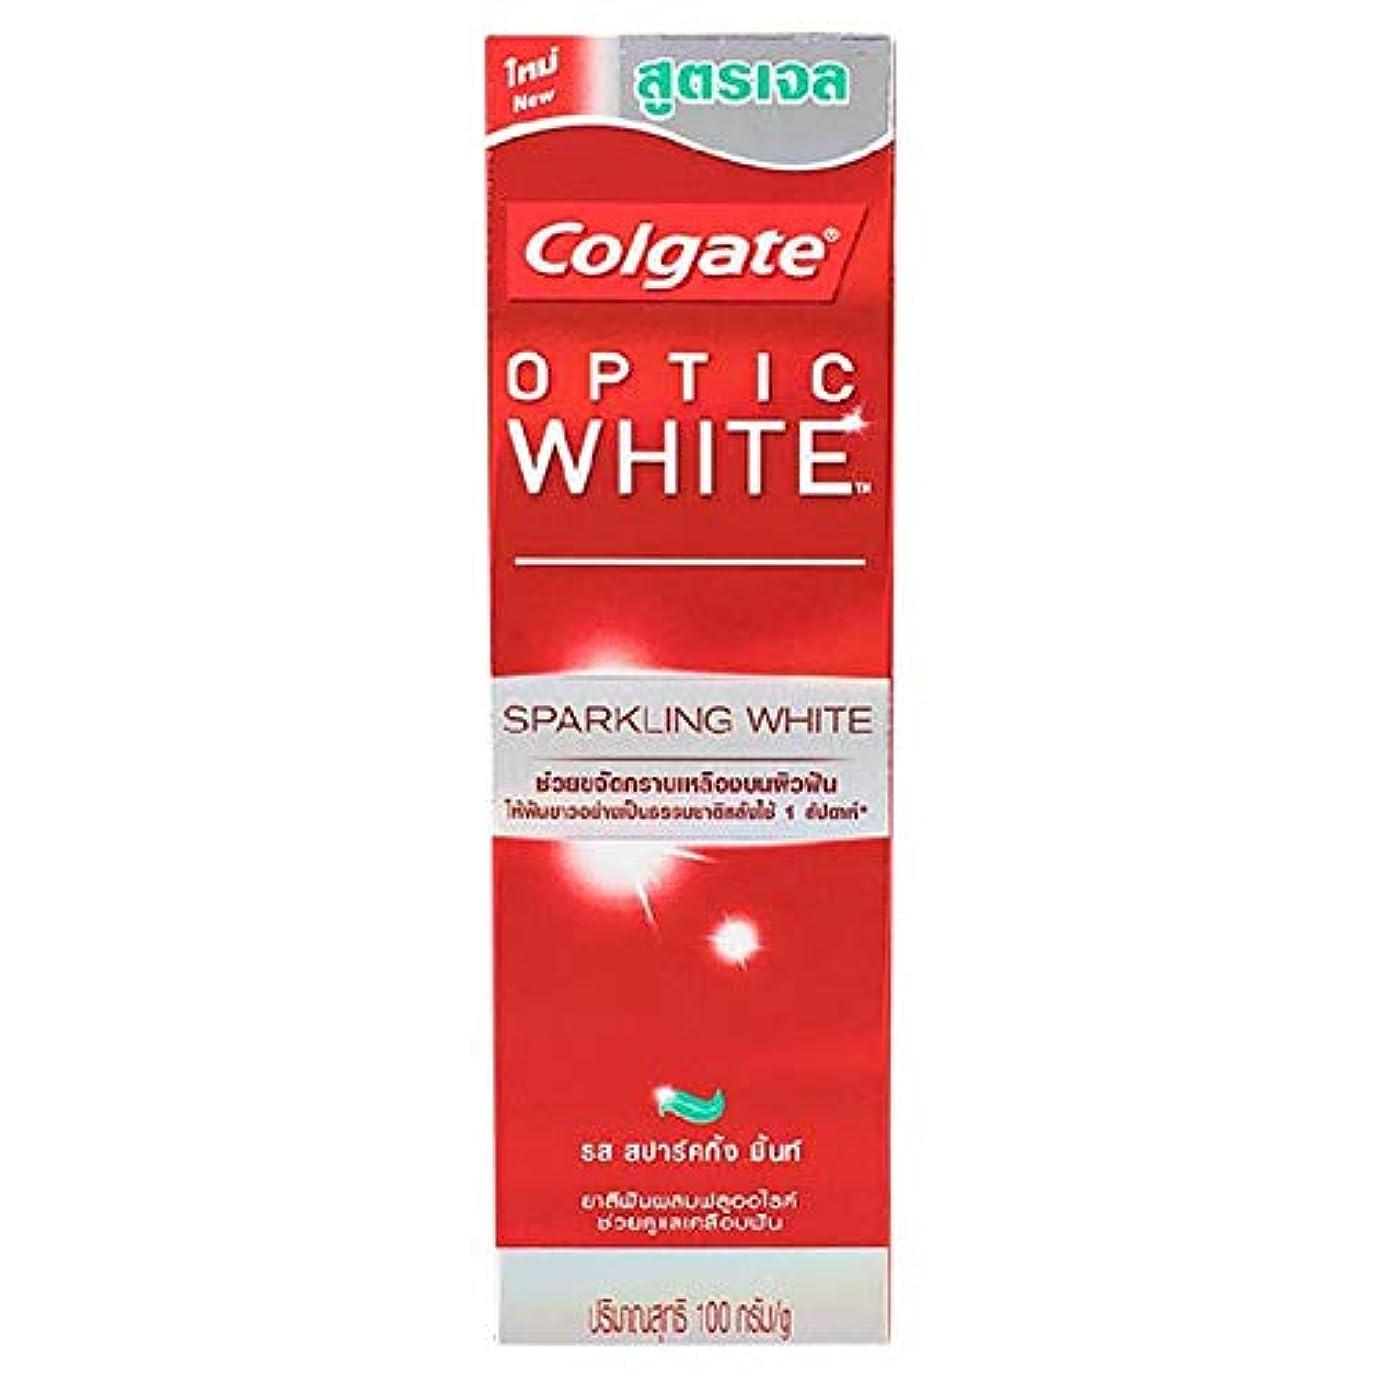 同性愛者環境保護主義者フルーツ(コルゲート)Colgate 歯磨き粉 「オプティック ホワイト 」 (スパークリングホワイト)